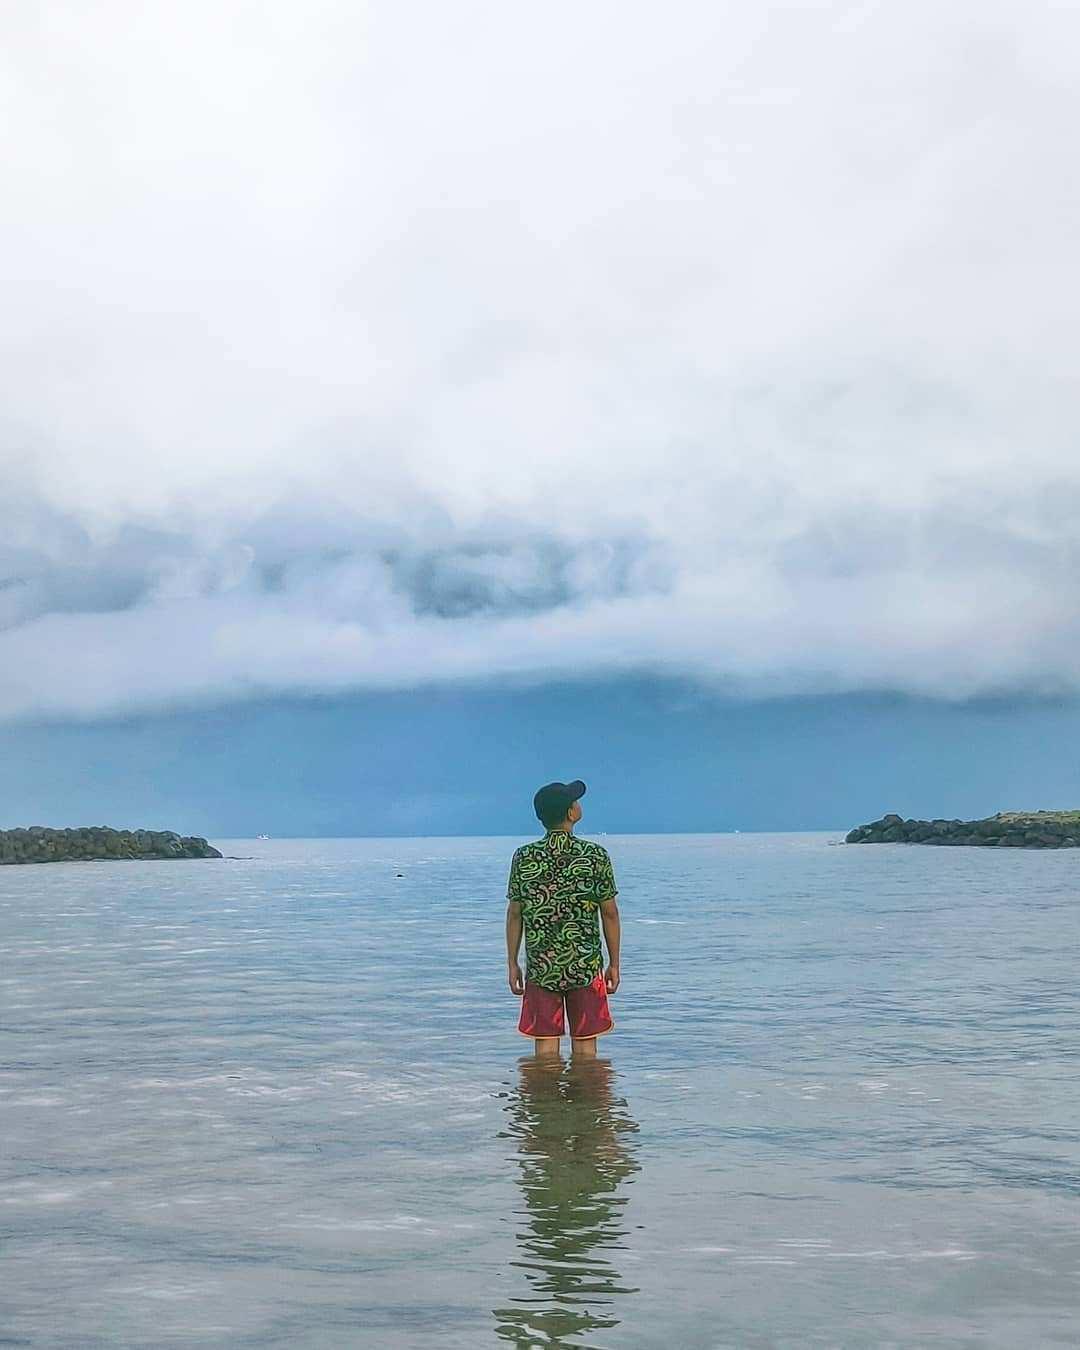 Bermain Air di Pantai Carita Banten, Image From @afadzrin